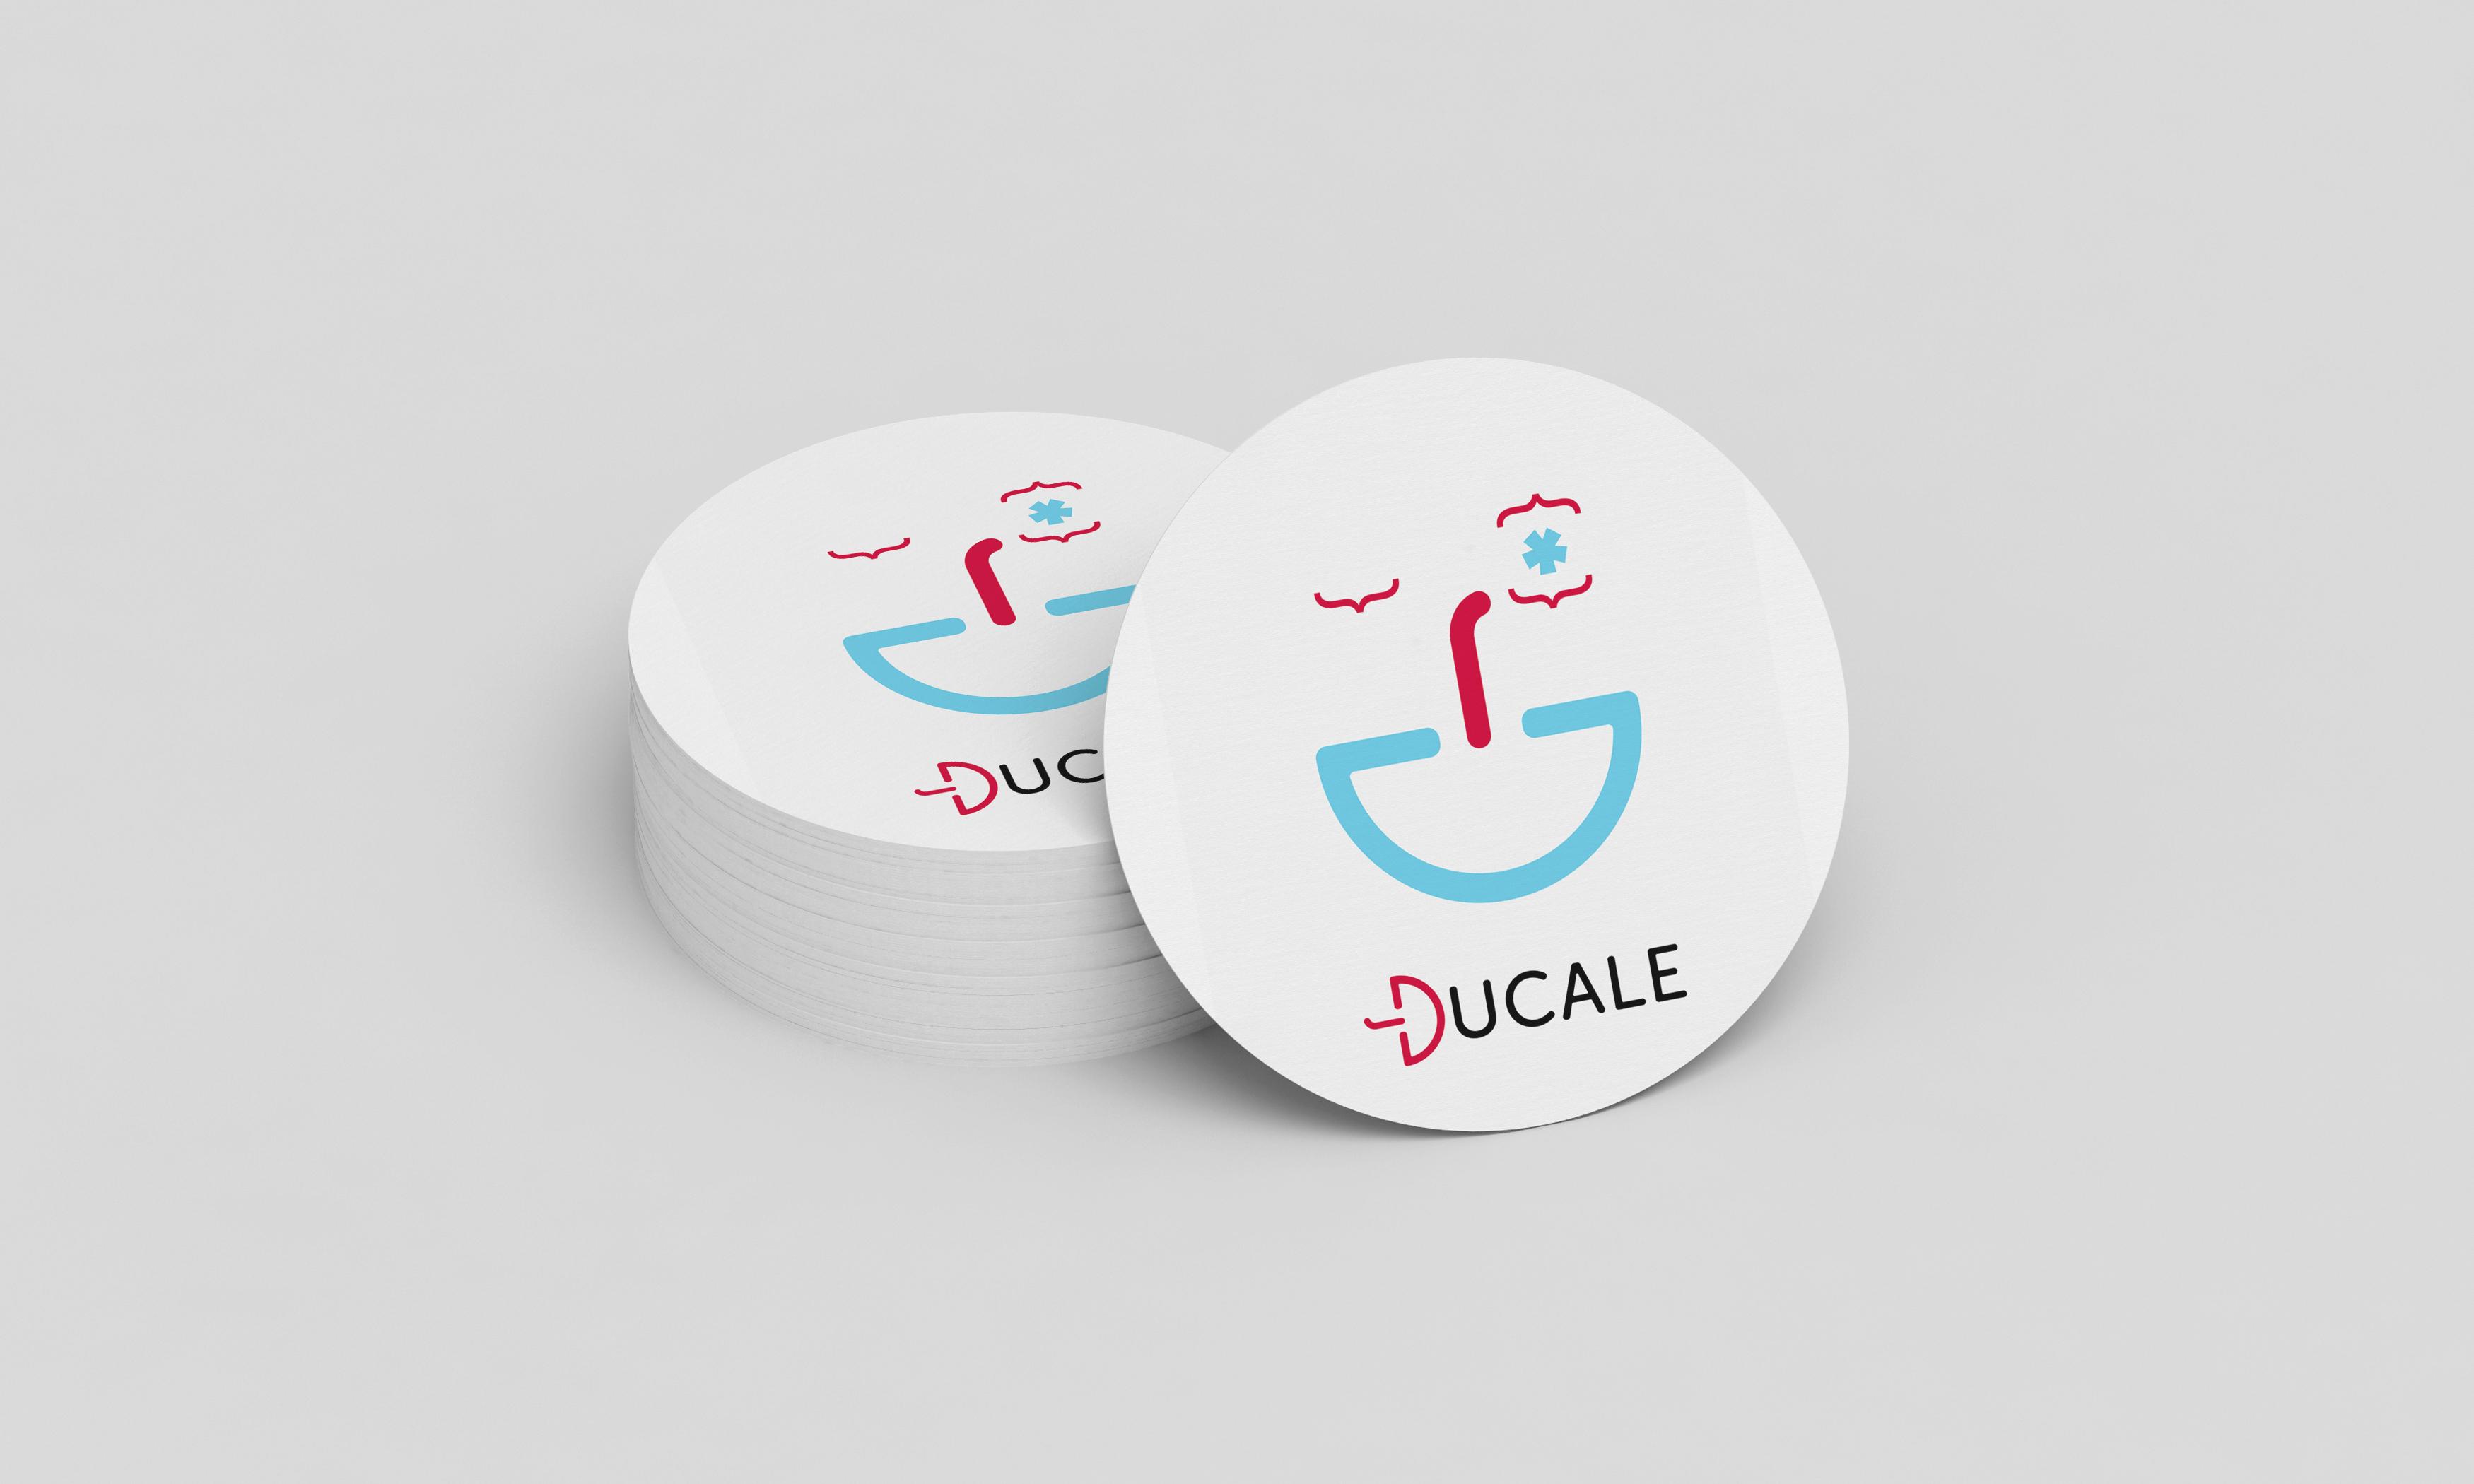 Mockup_11_Ducale